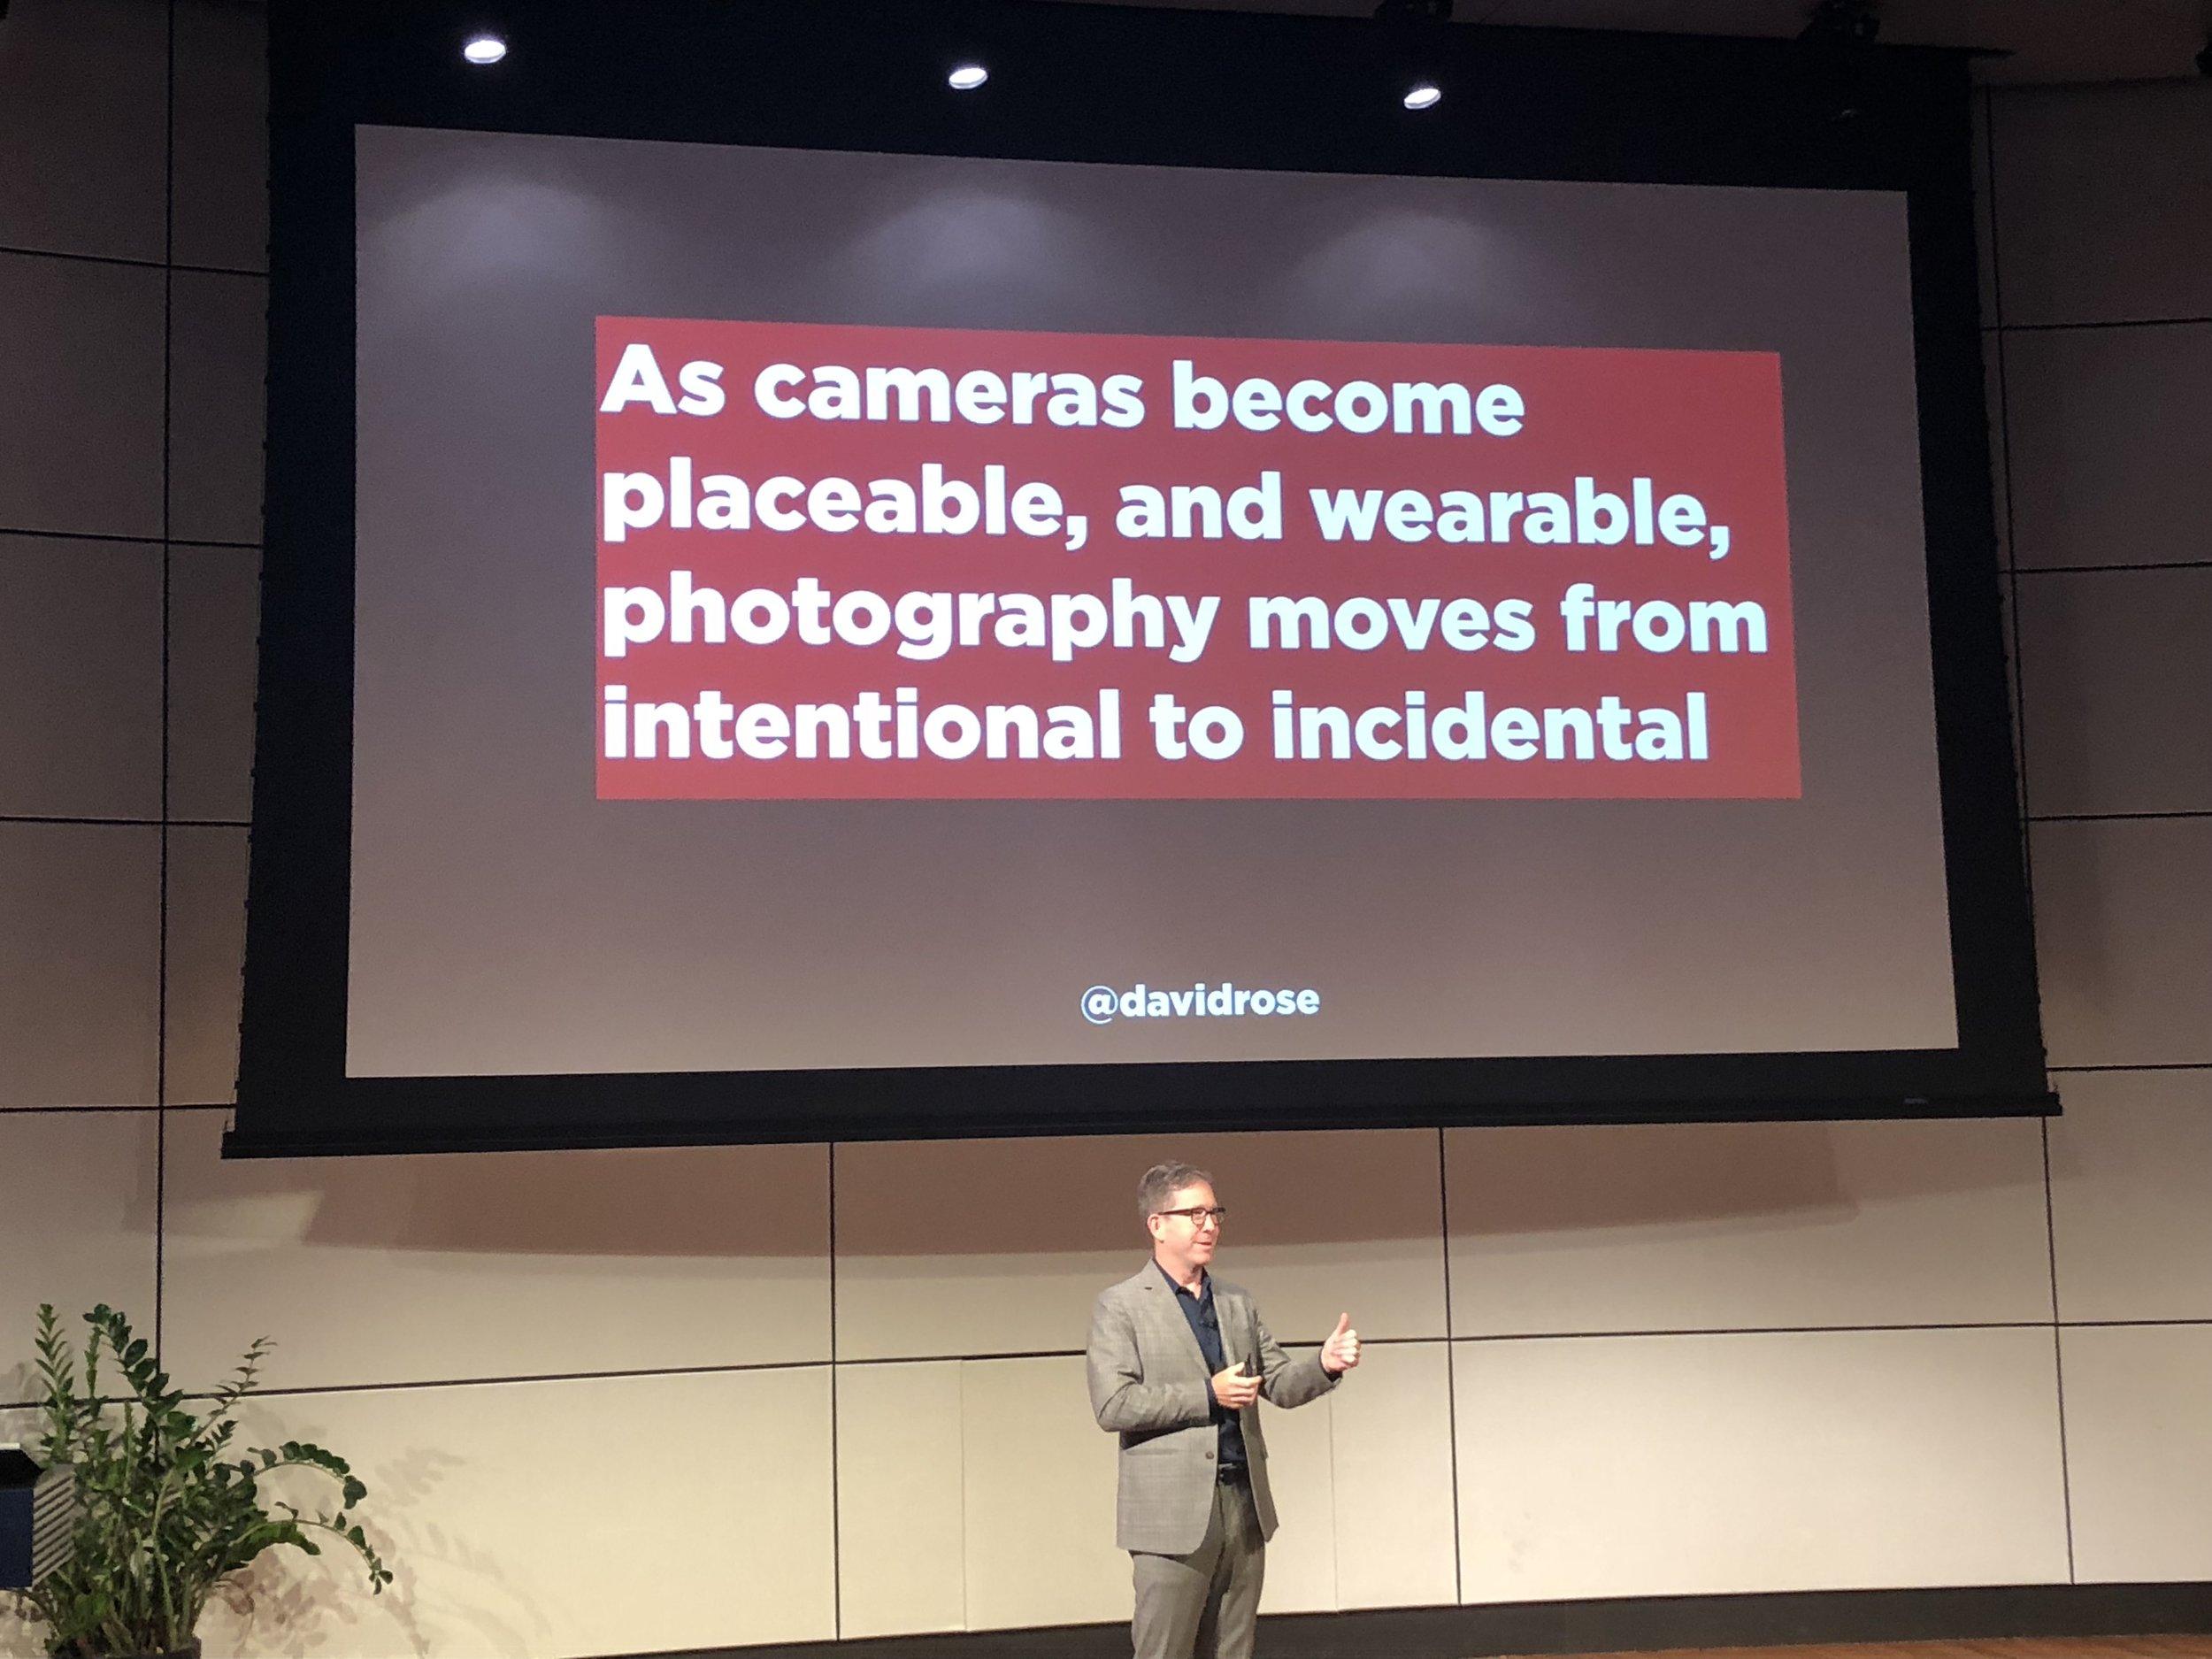 David Rose, VP of Vision Technology, Warby Parker